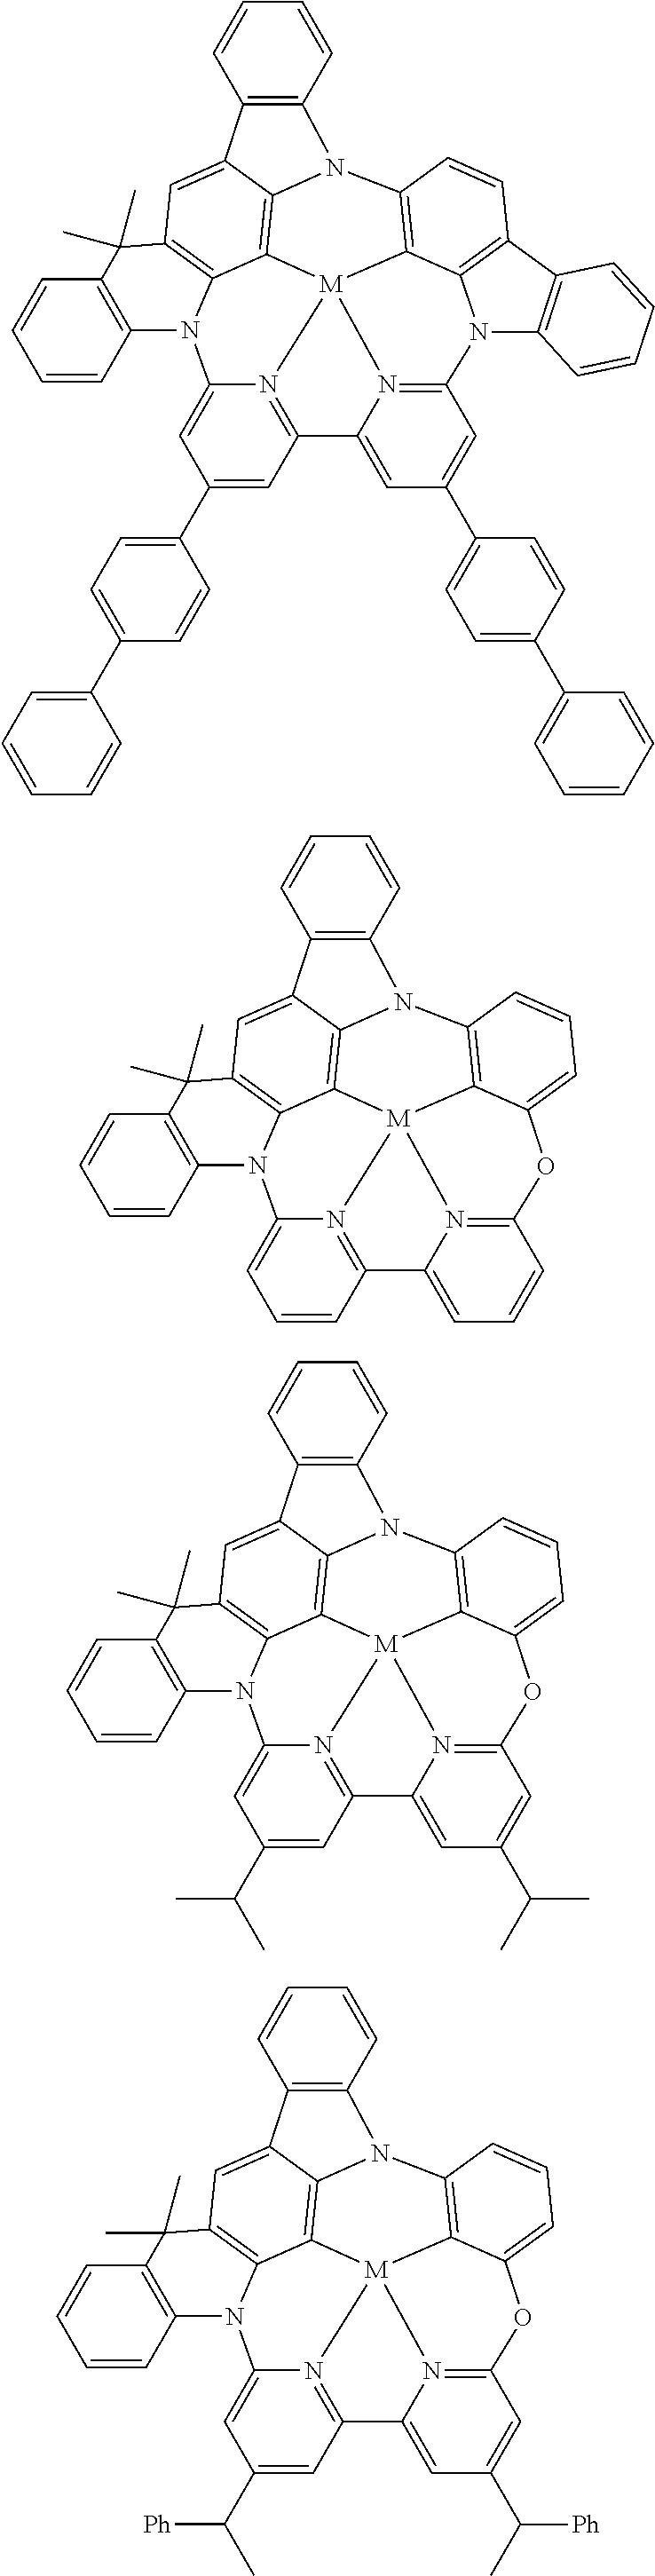 Figure US10158091-20181218-C00204